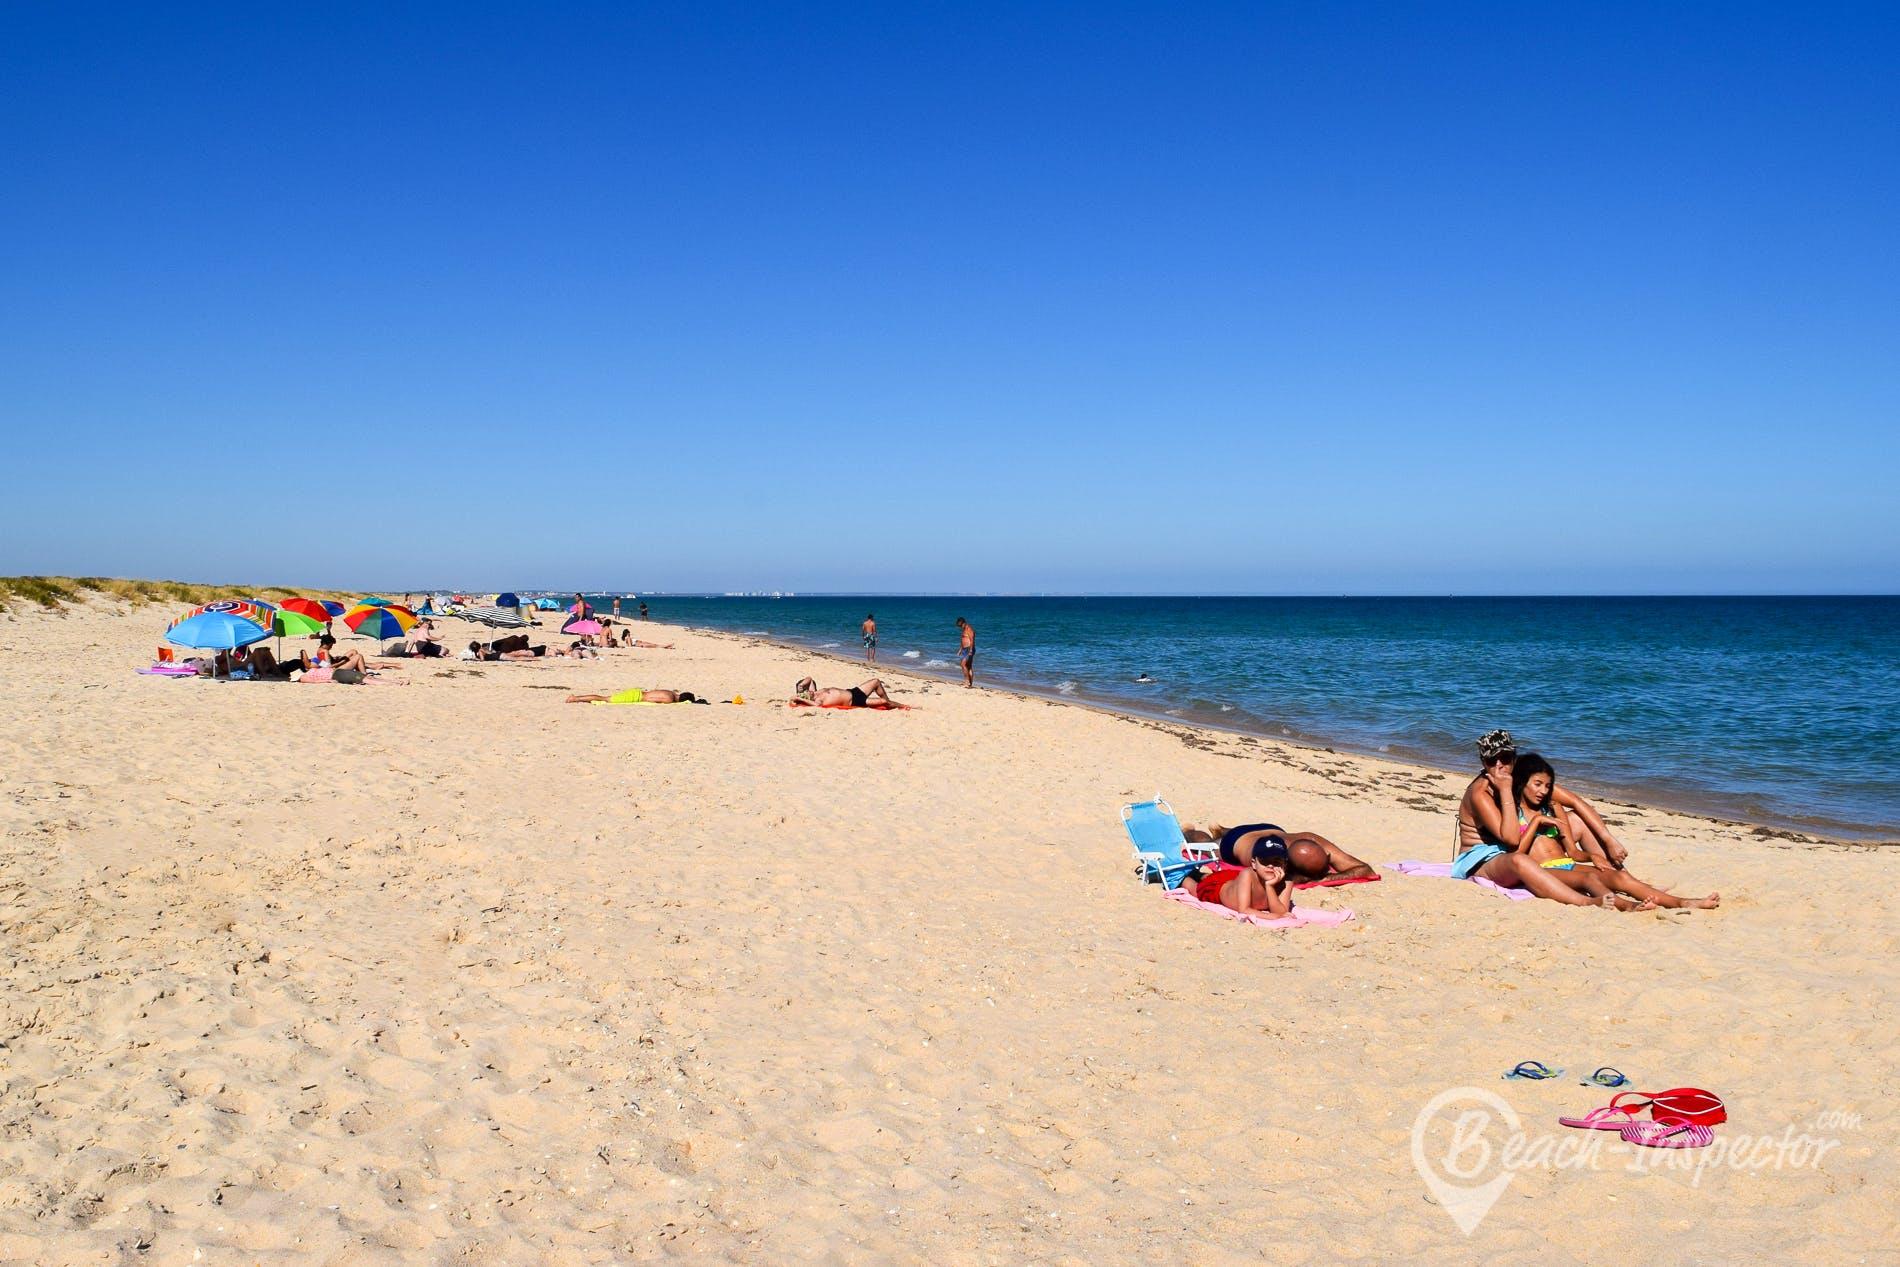 Beach Praia da Terra Estreita, Algarve, Portugal